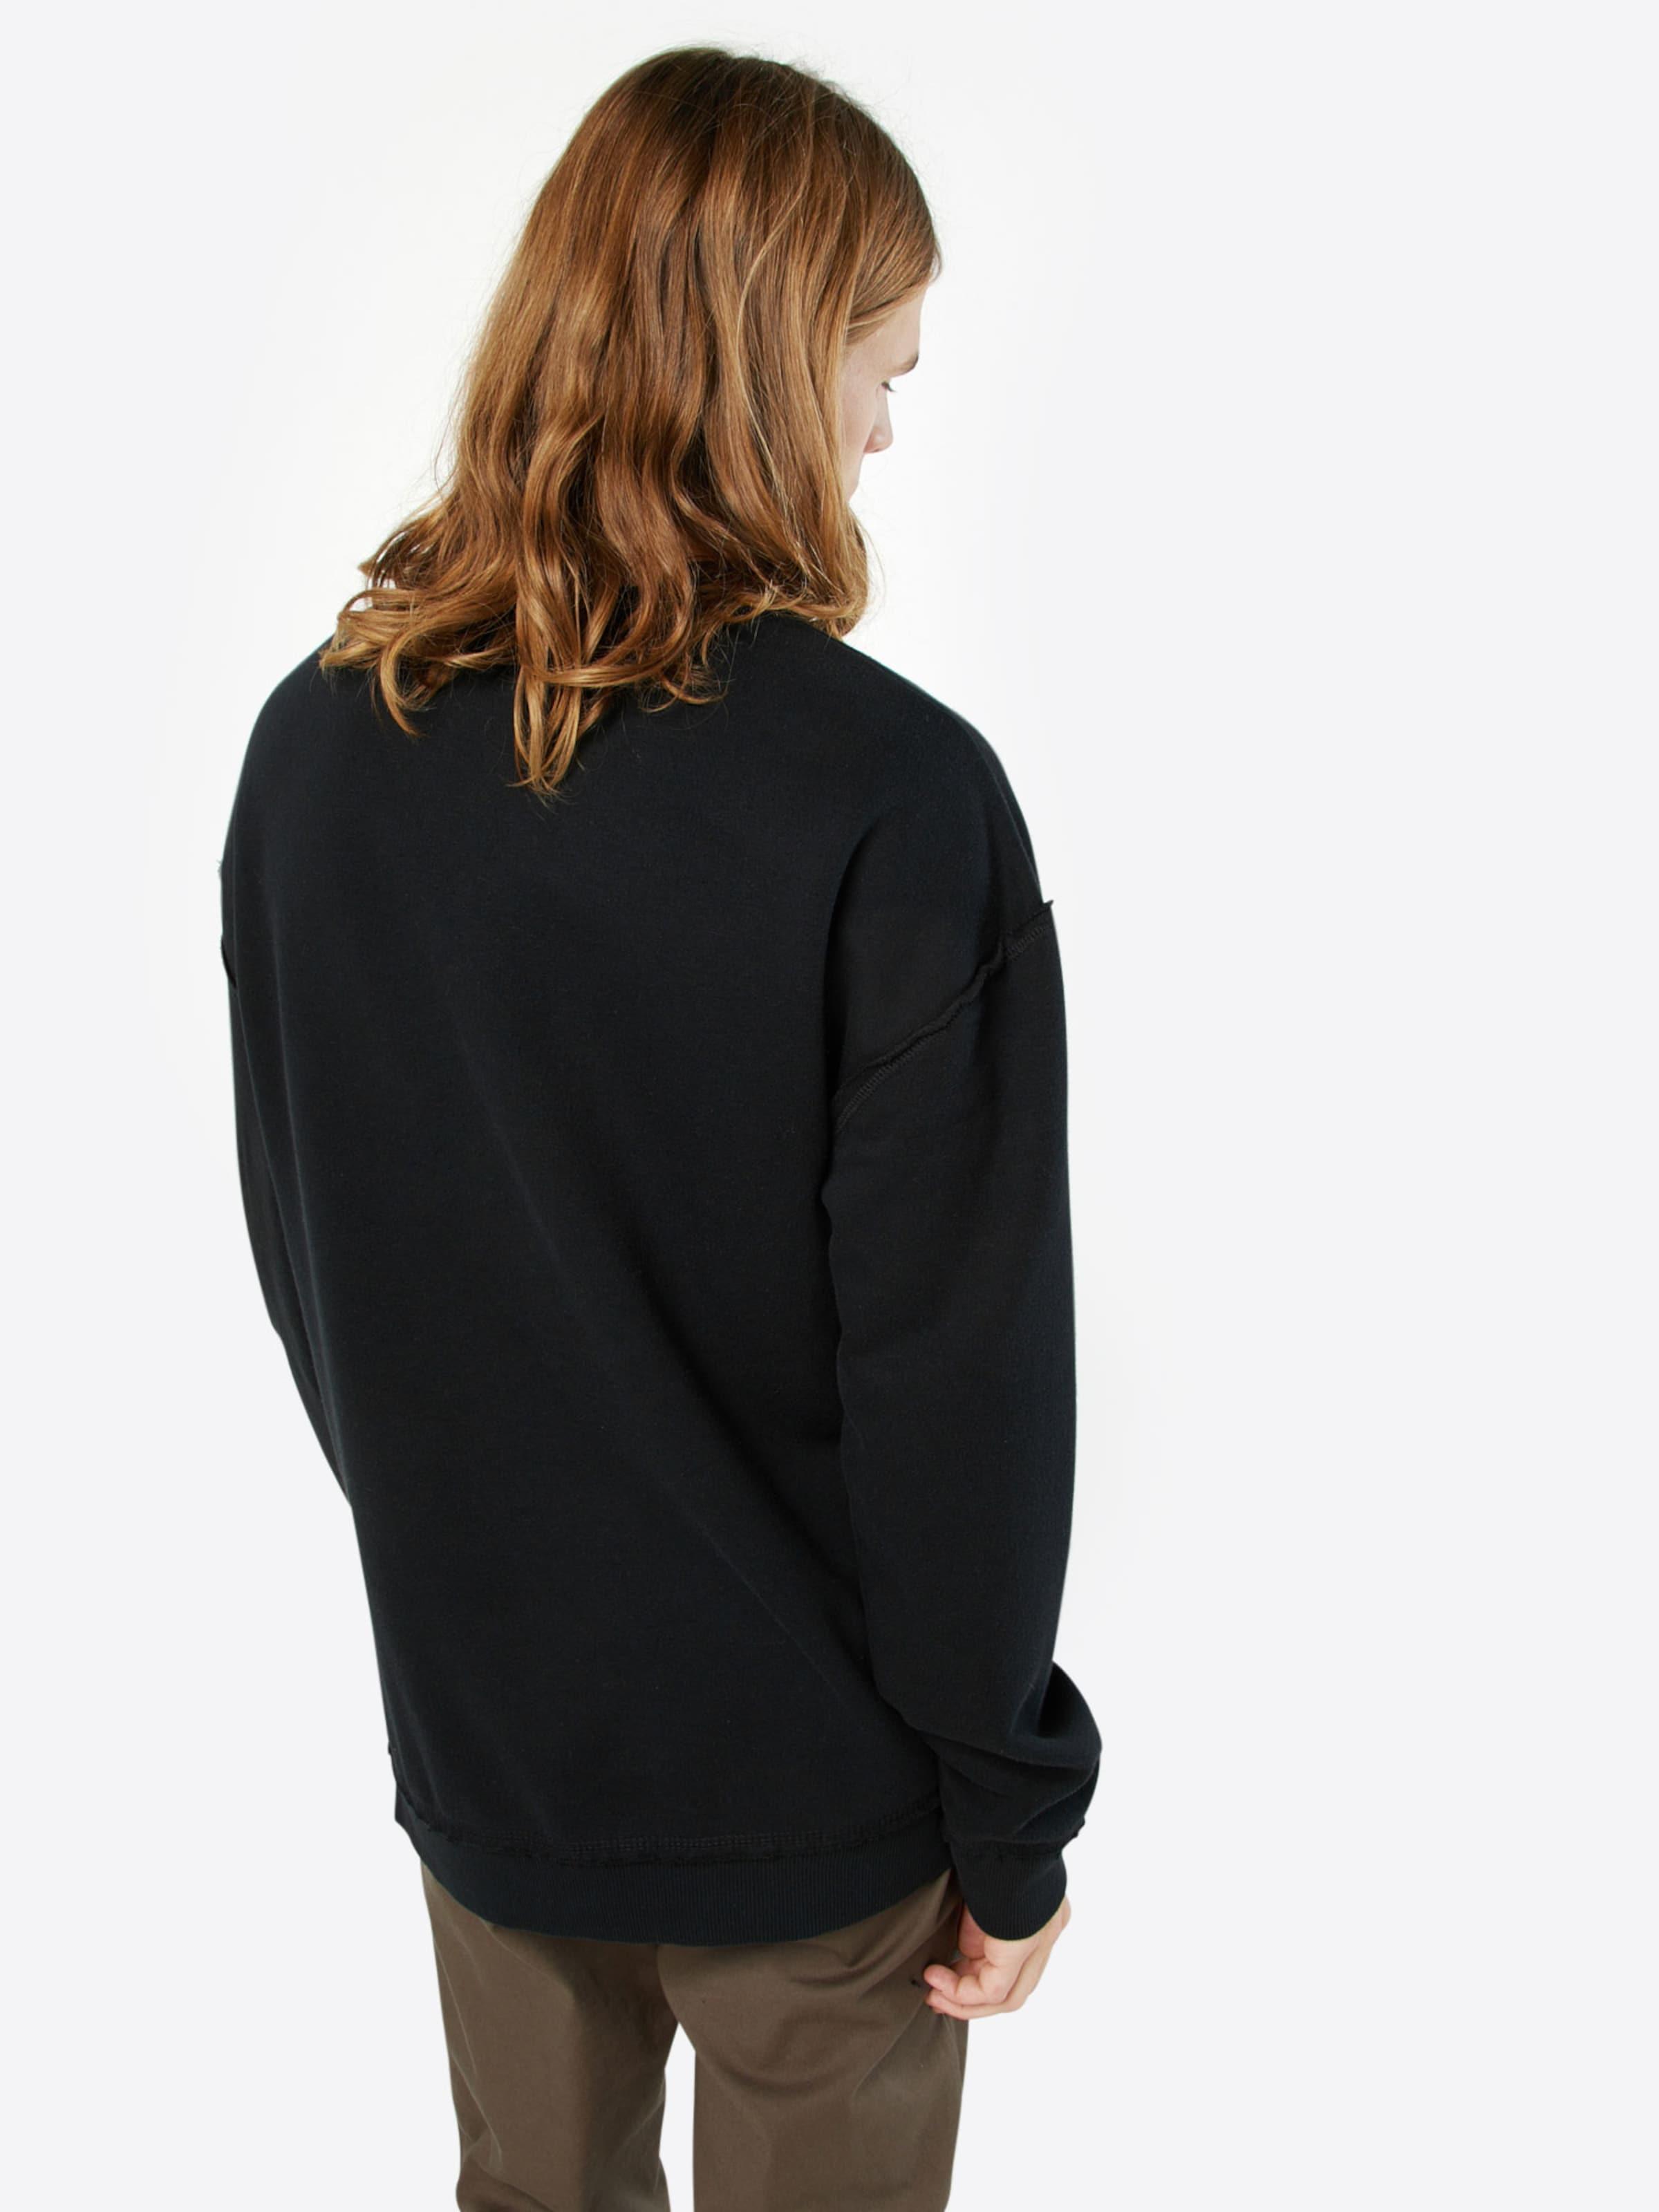 Urban Classics Oversize Pullover 'Open Edge Crew' Offizieller Günstiger Preis Neue Und Mode Freies Verschiffen Viele Arten Von Steckdose Mit Paypal Um Outlet Erschwinglich i7luIsf